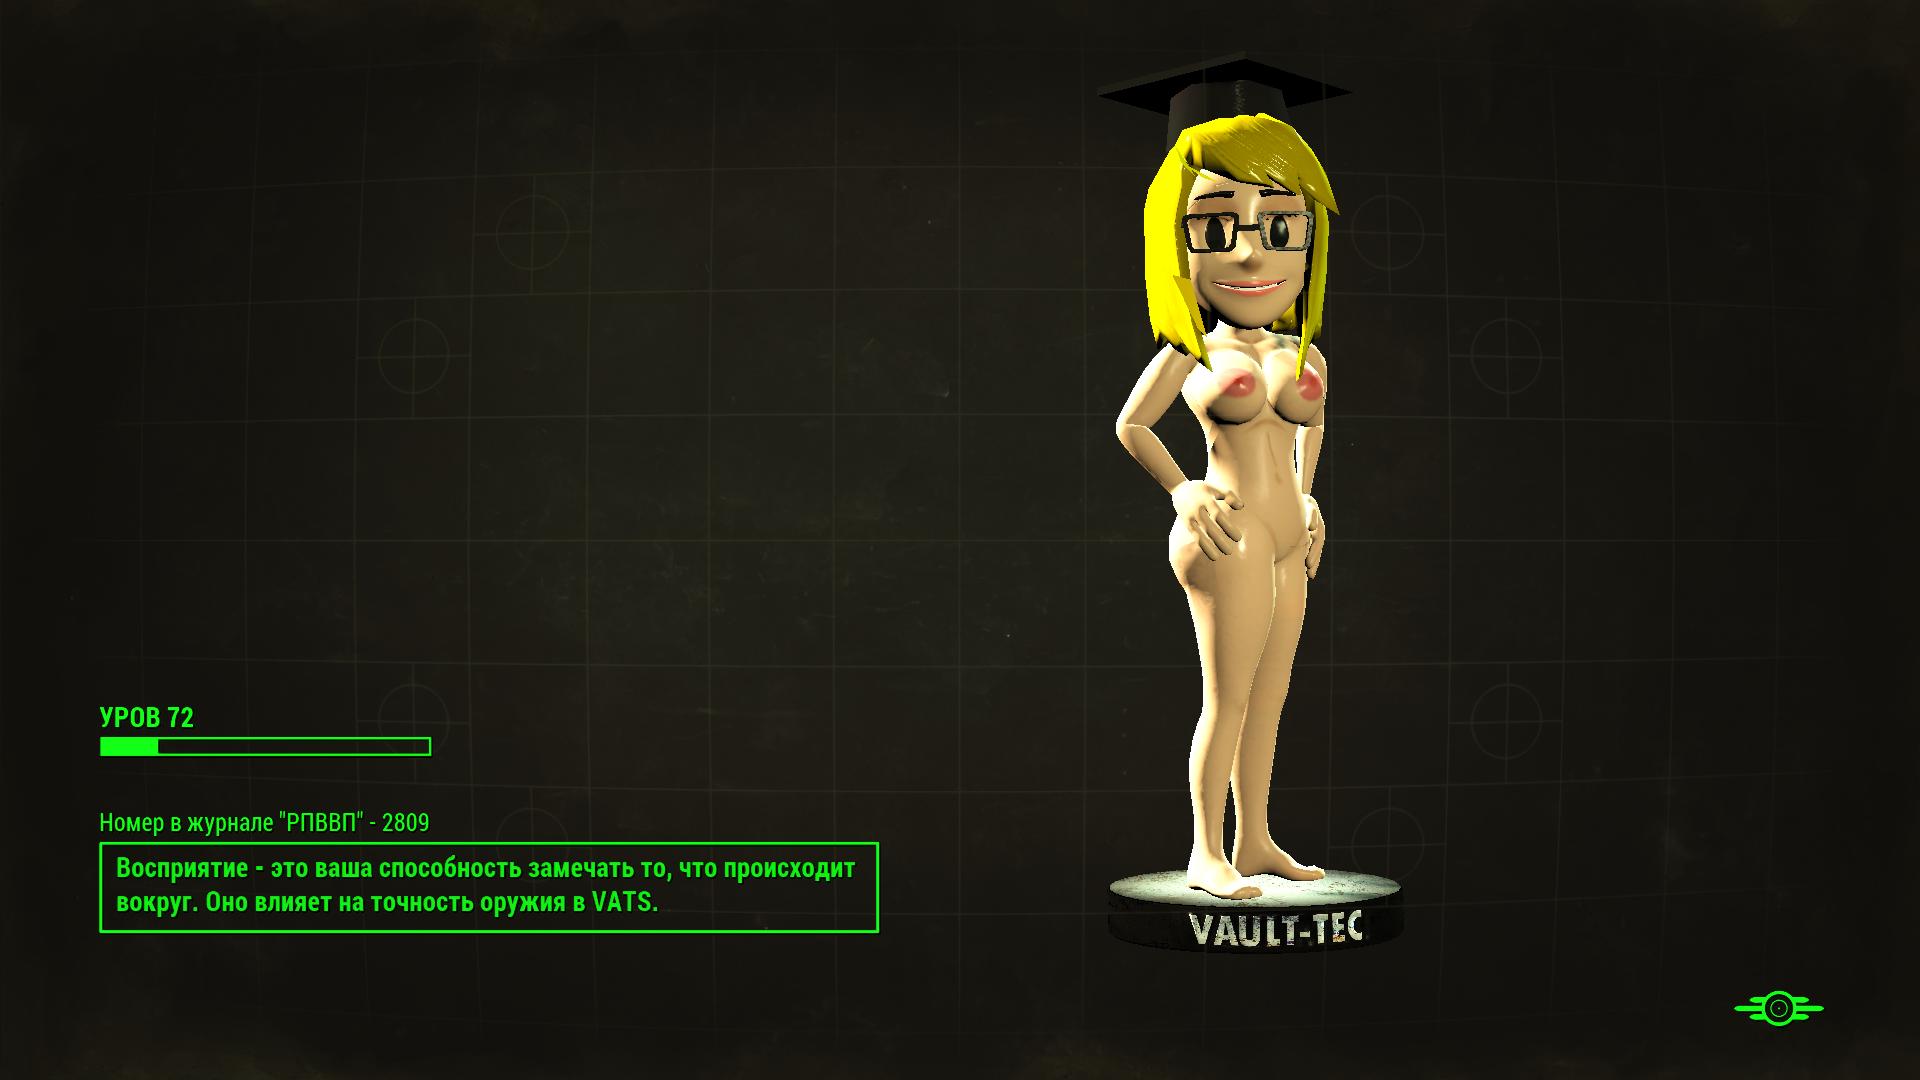 Fallout 4 Screenshot 2020.06.07 - 19.31.26.65.png